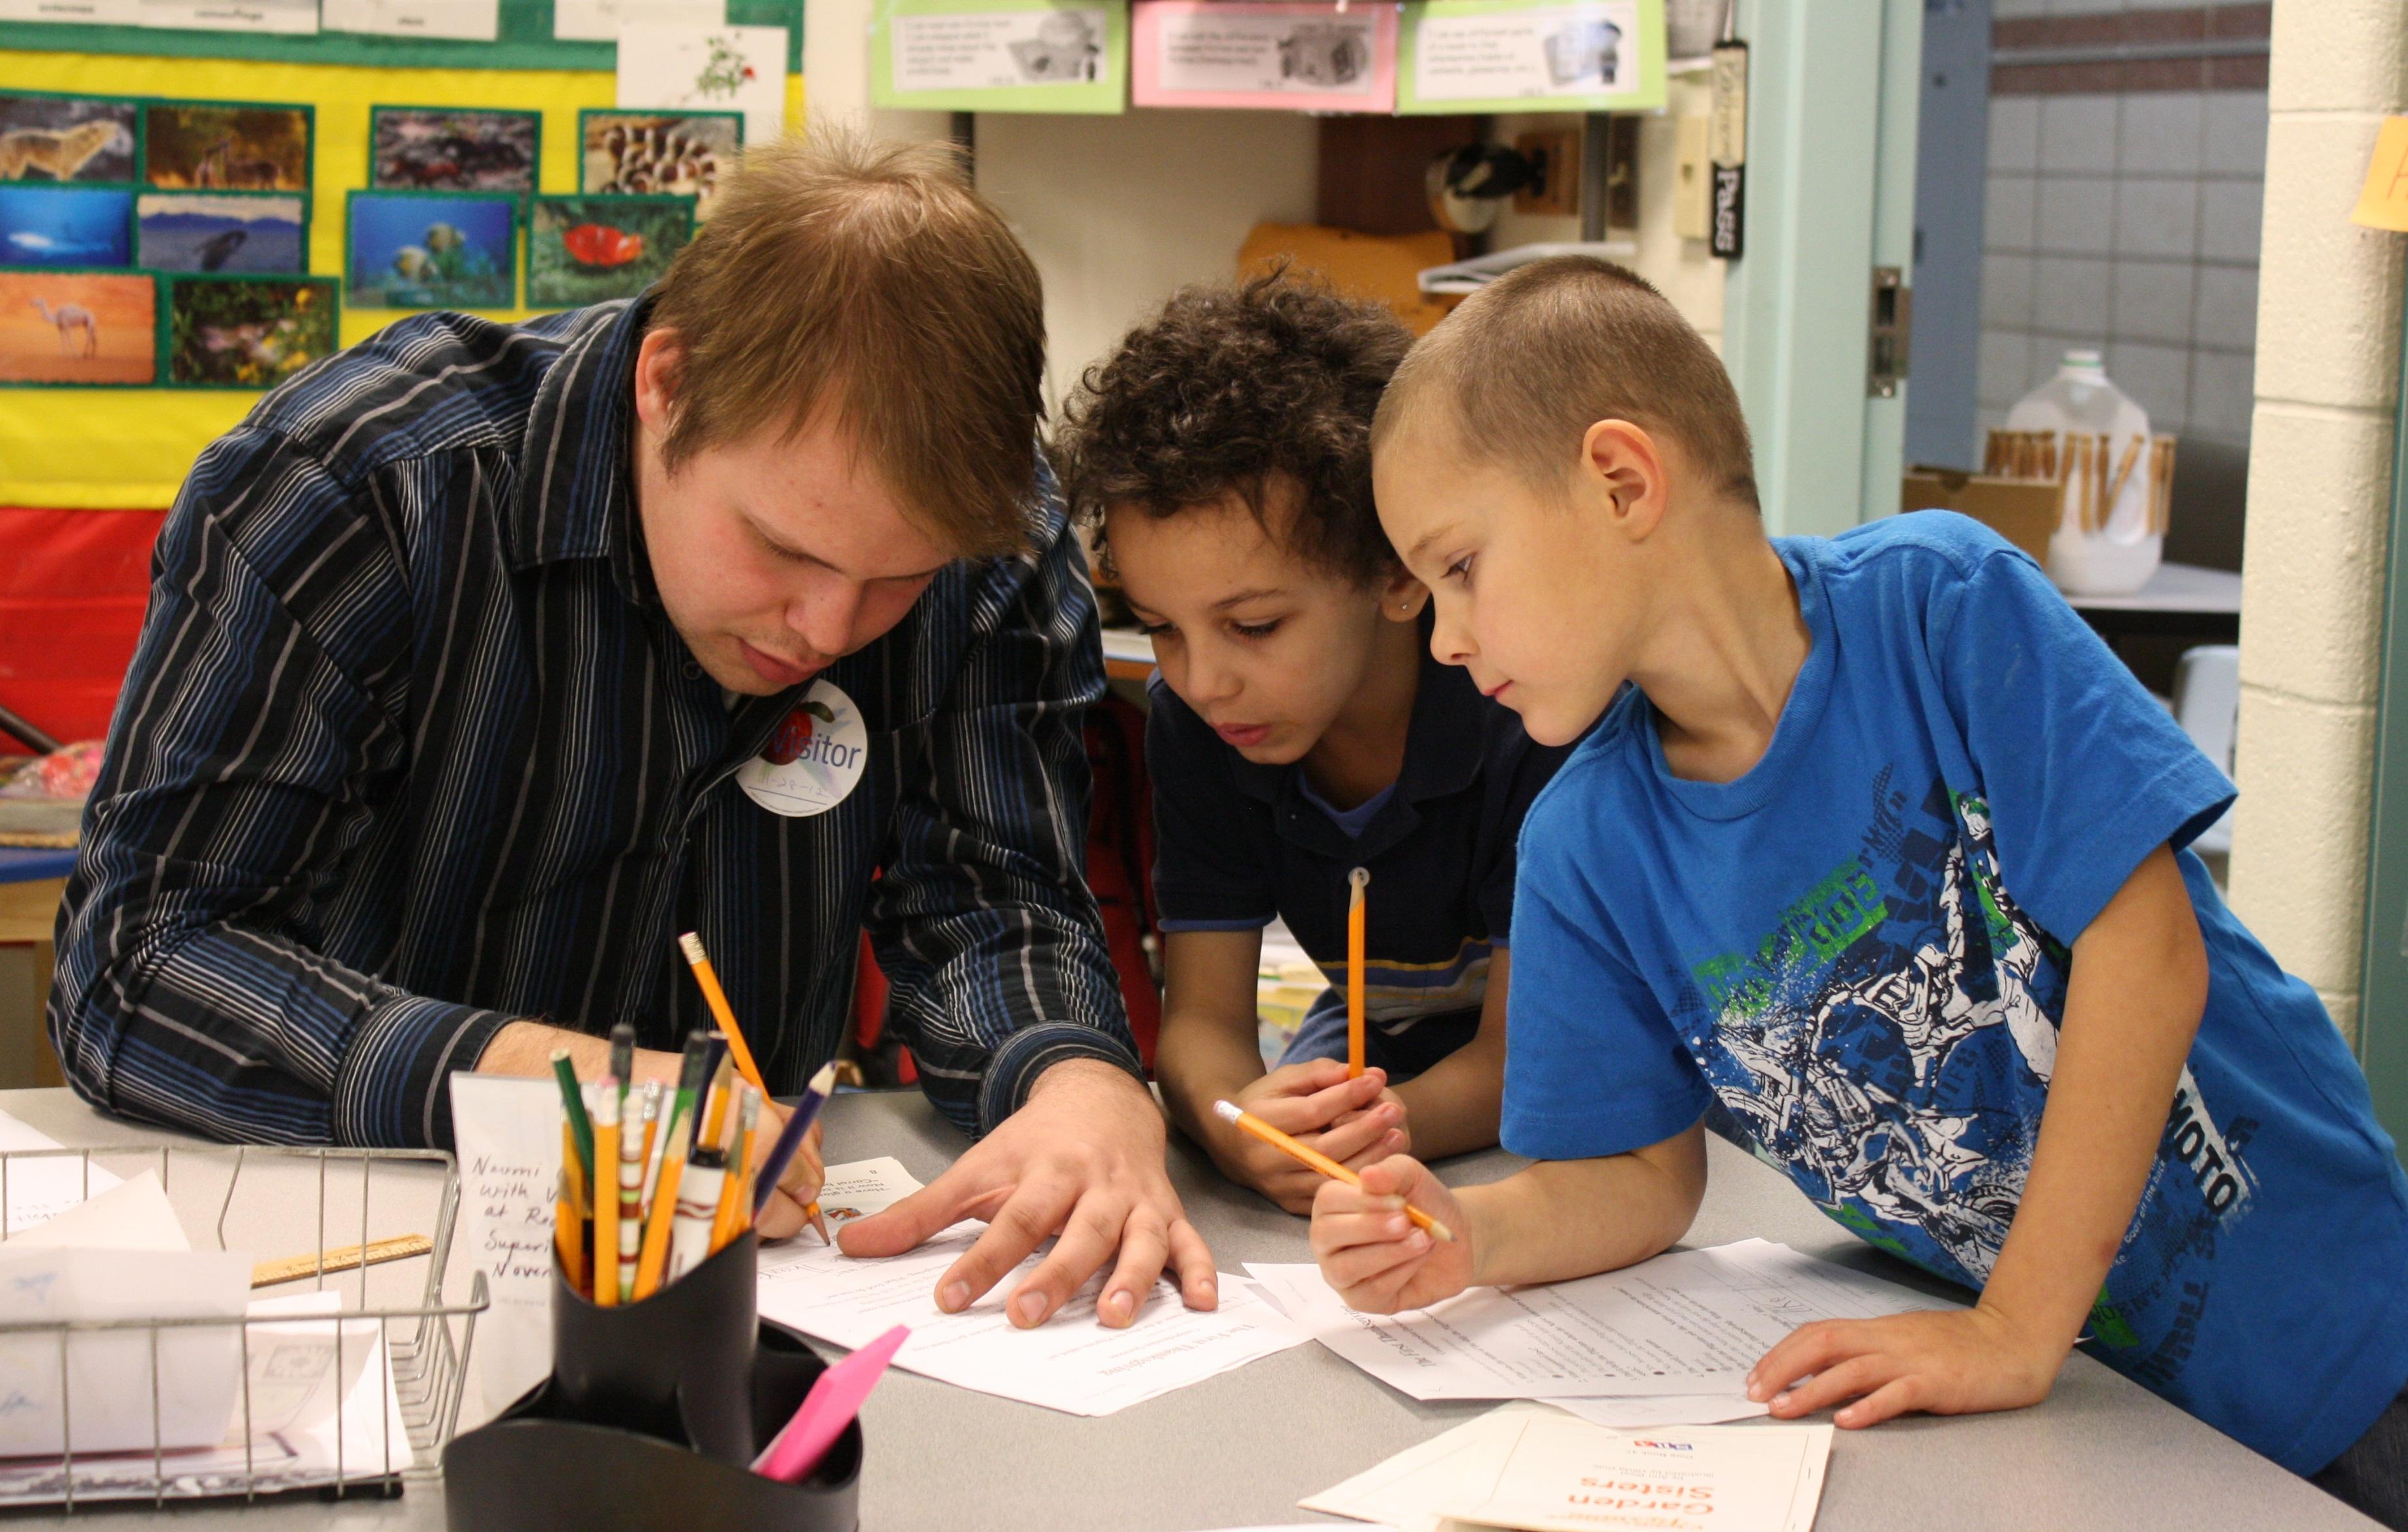 Foștii absolvenți de liceu ar putea fi implicați în educația extracurriculară a elevilor